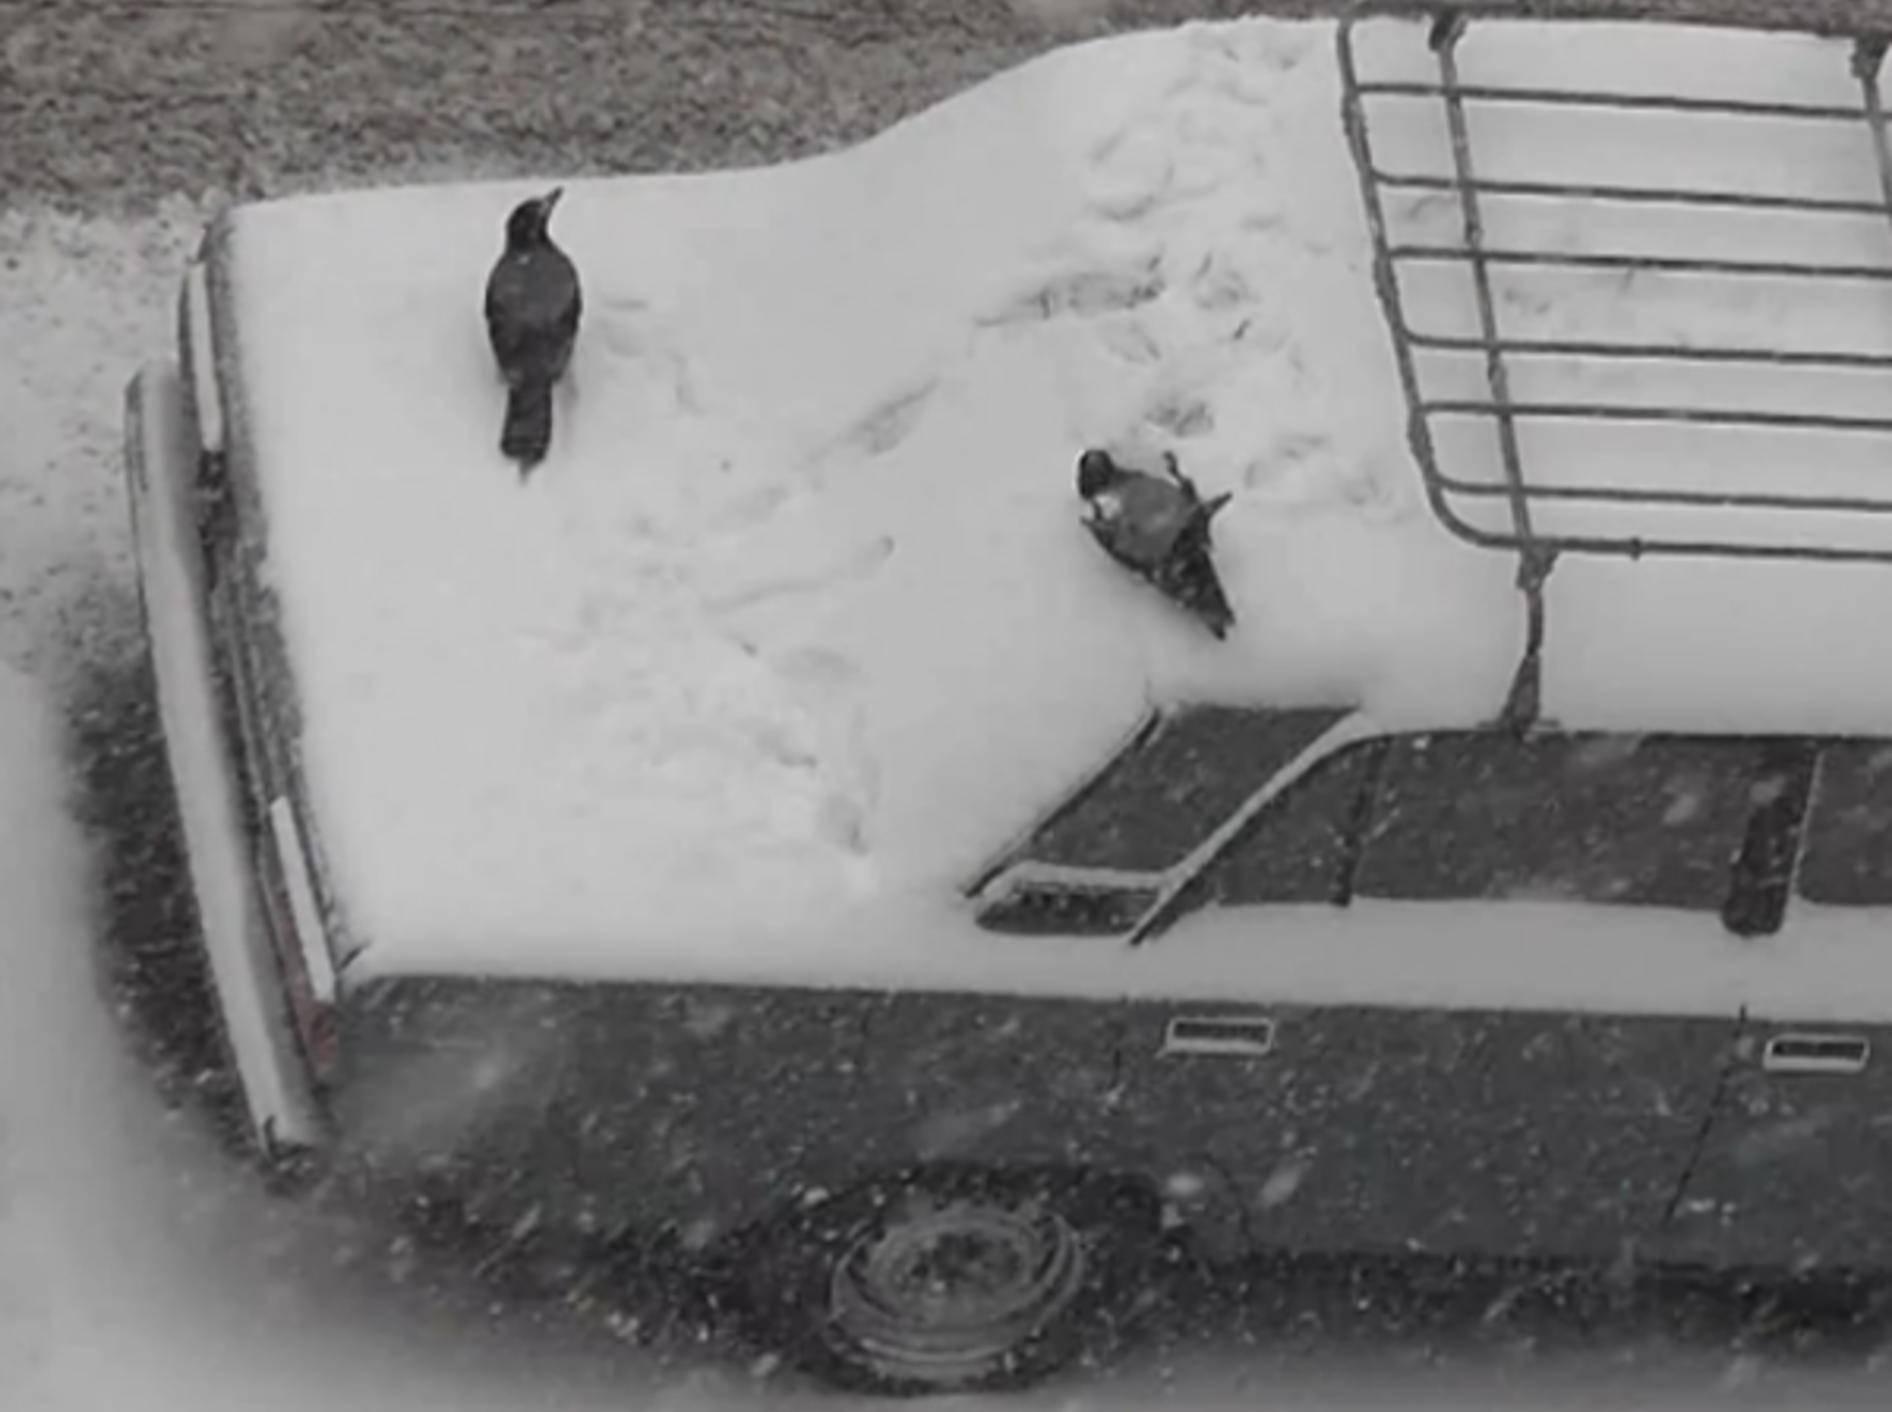 Krähen haben Spaß im Schnee und kugeln auf Autos herum – Bild: Youtube &/ Sergazo